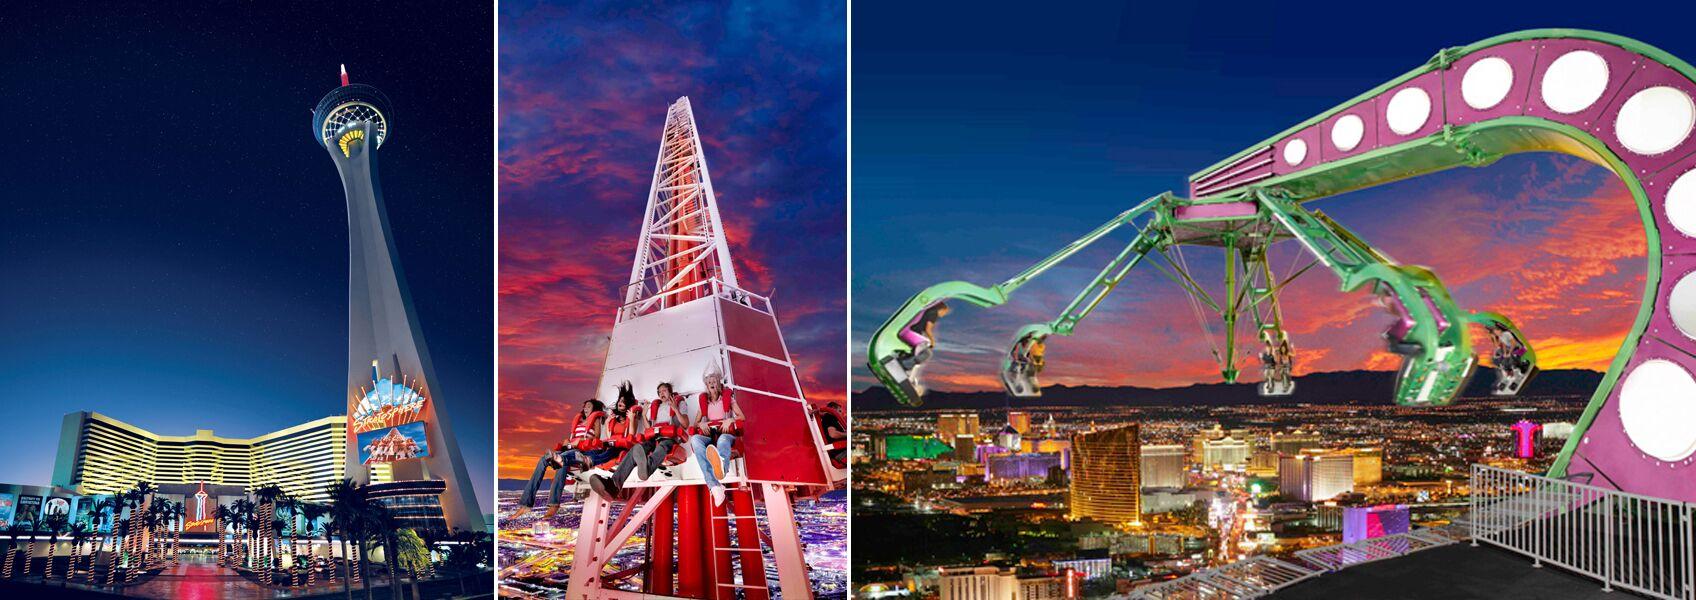 Stratosphere Las Vegas Inbound Destinations